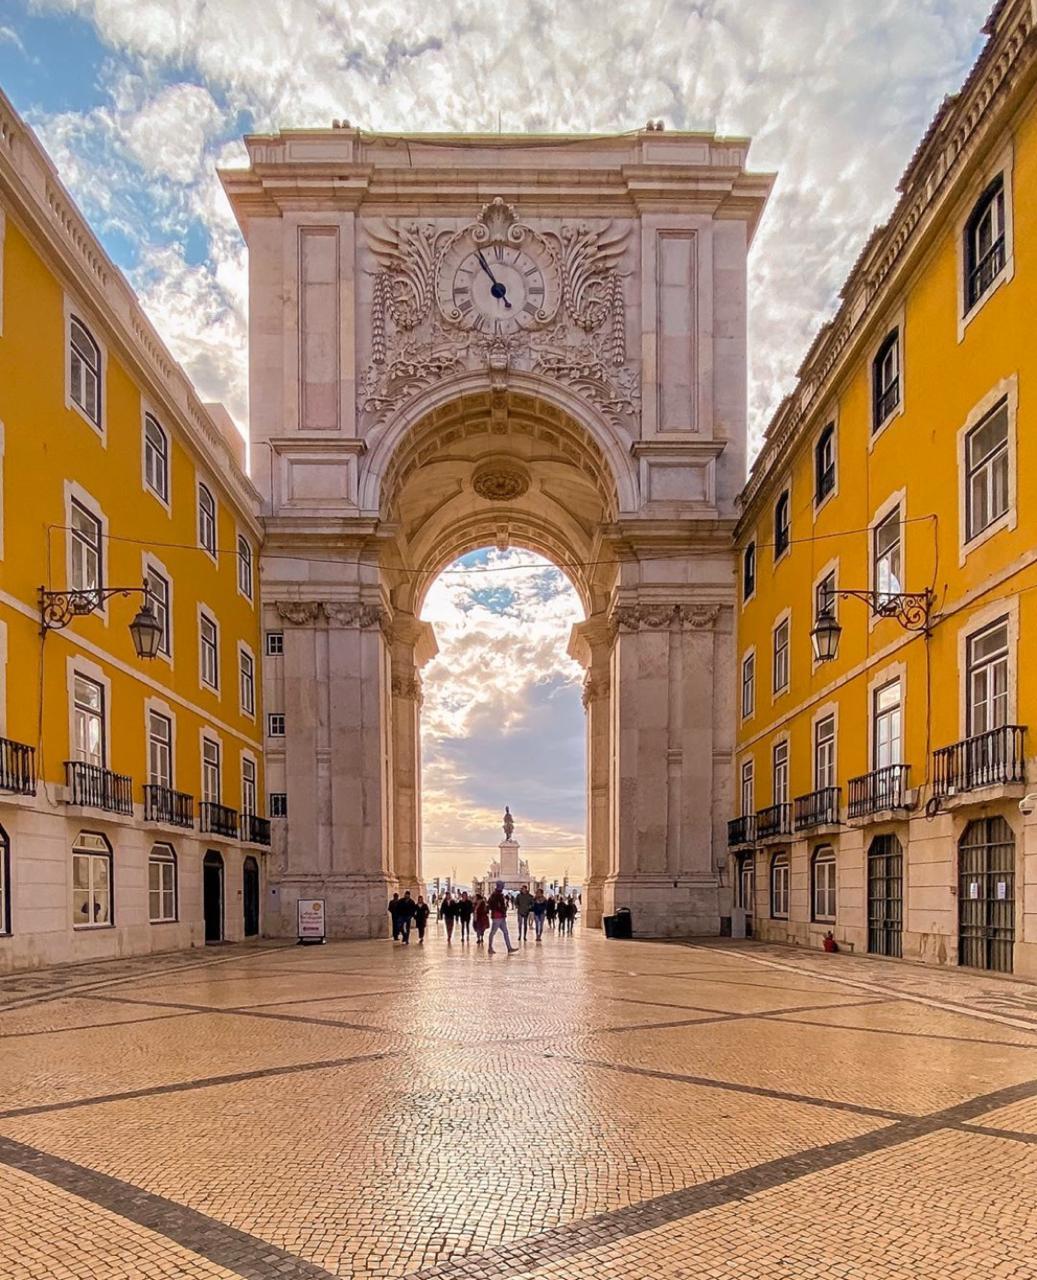 Top 13 Instagram Spots In Lisbon